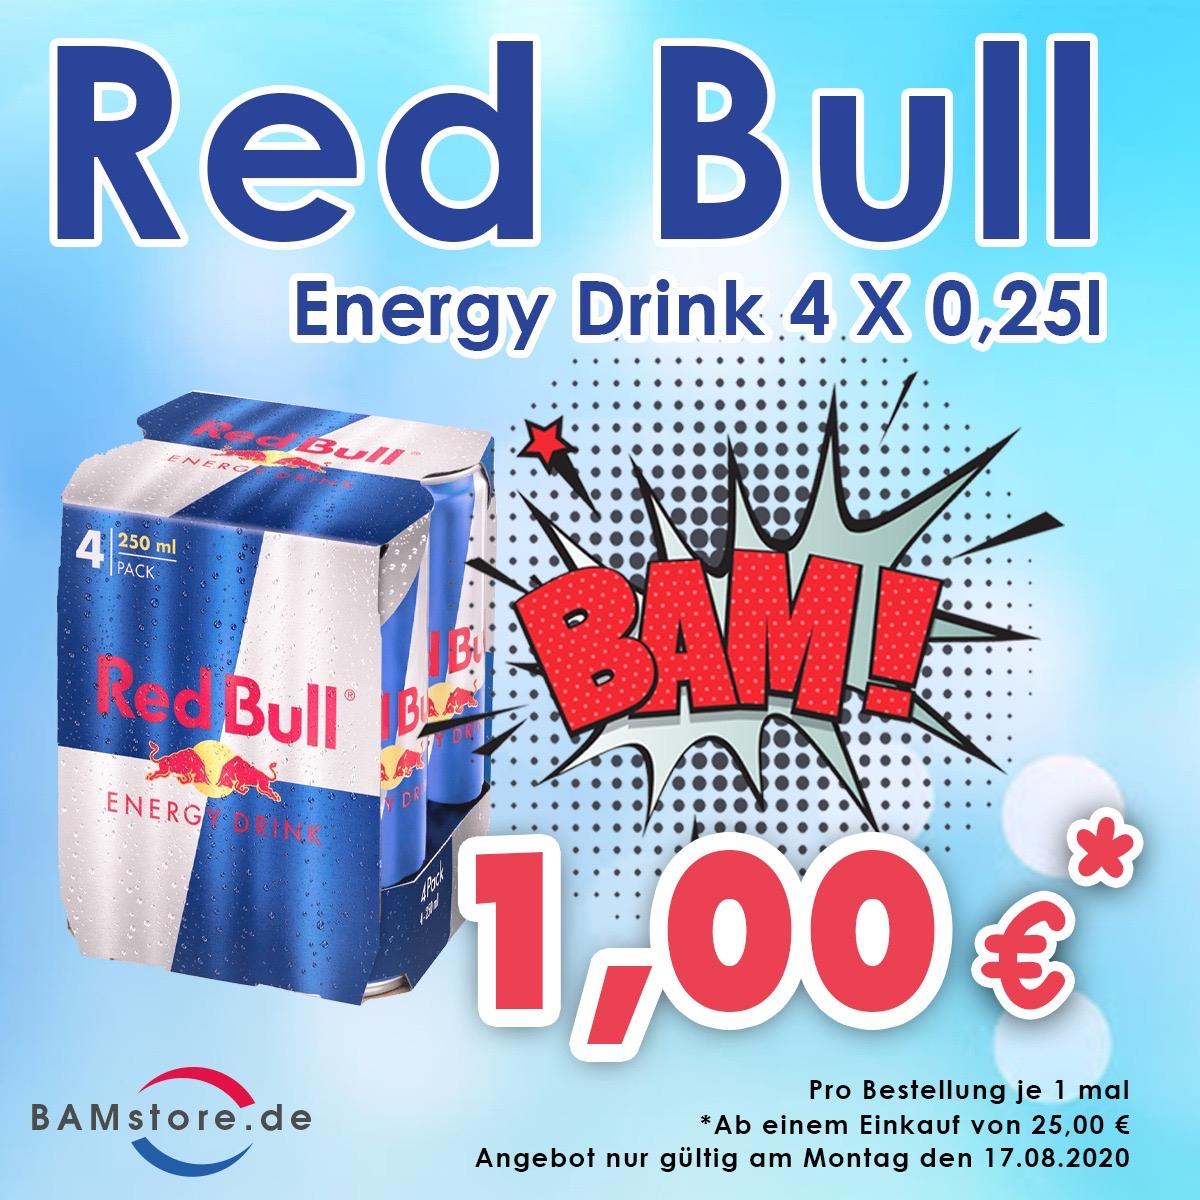 Red Bull Energy Drink 4 x 0,25l nur für 1€ (ab einem Einkauf von 25,00€/nur Berlin)